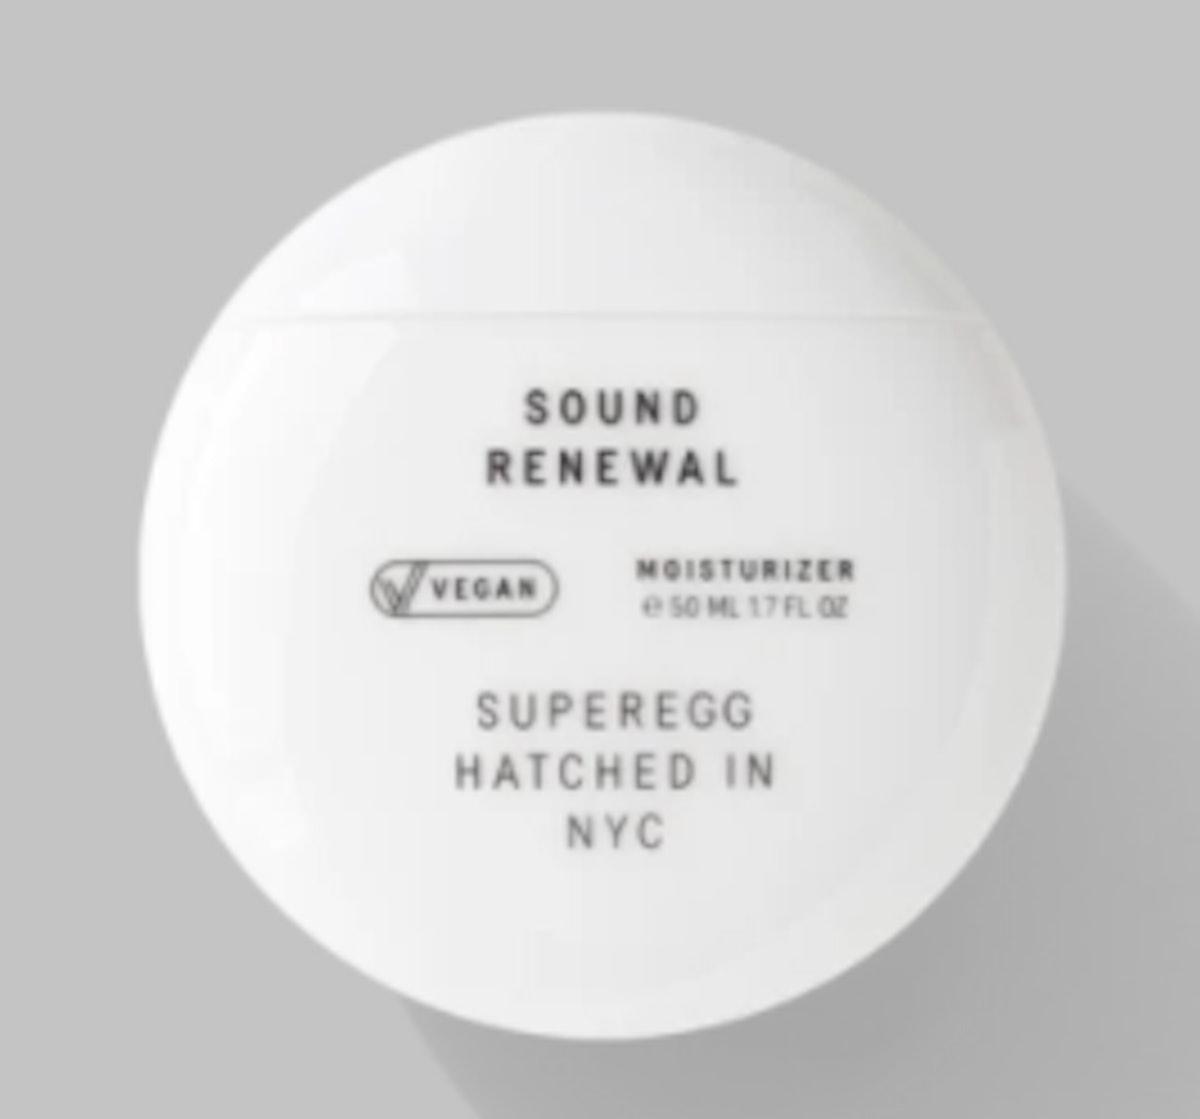 Sound Renewal Moisturizer